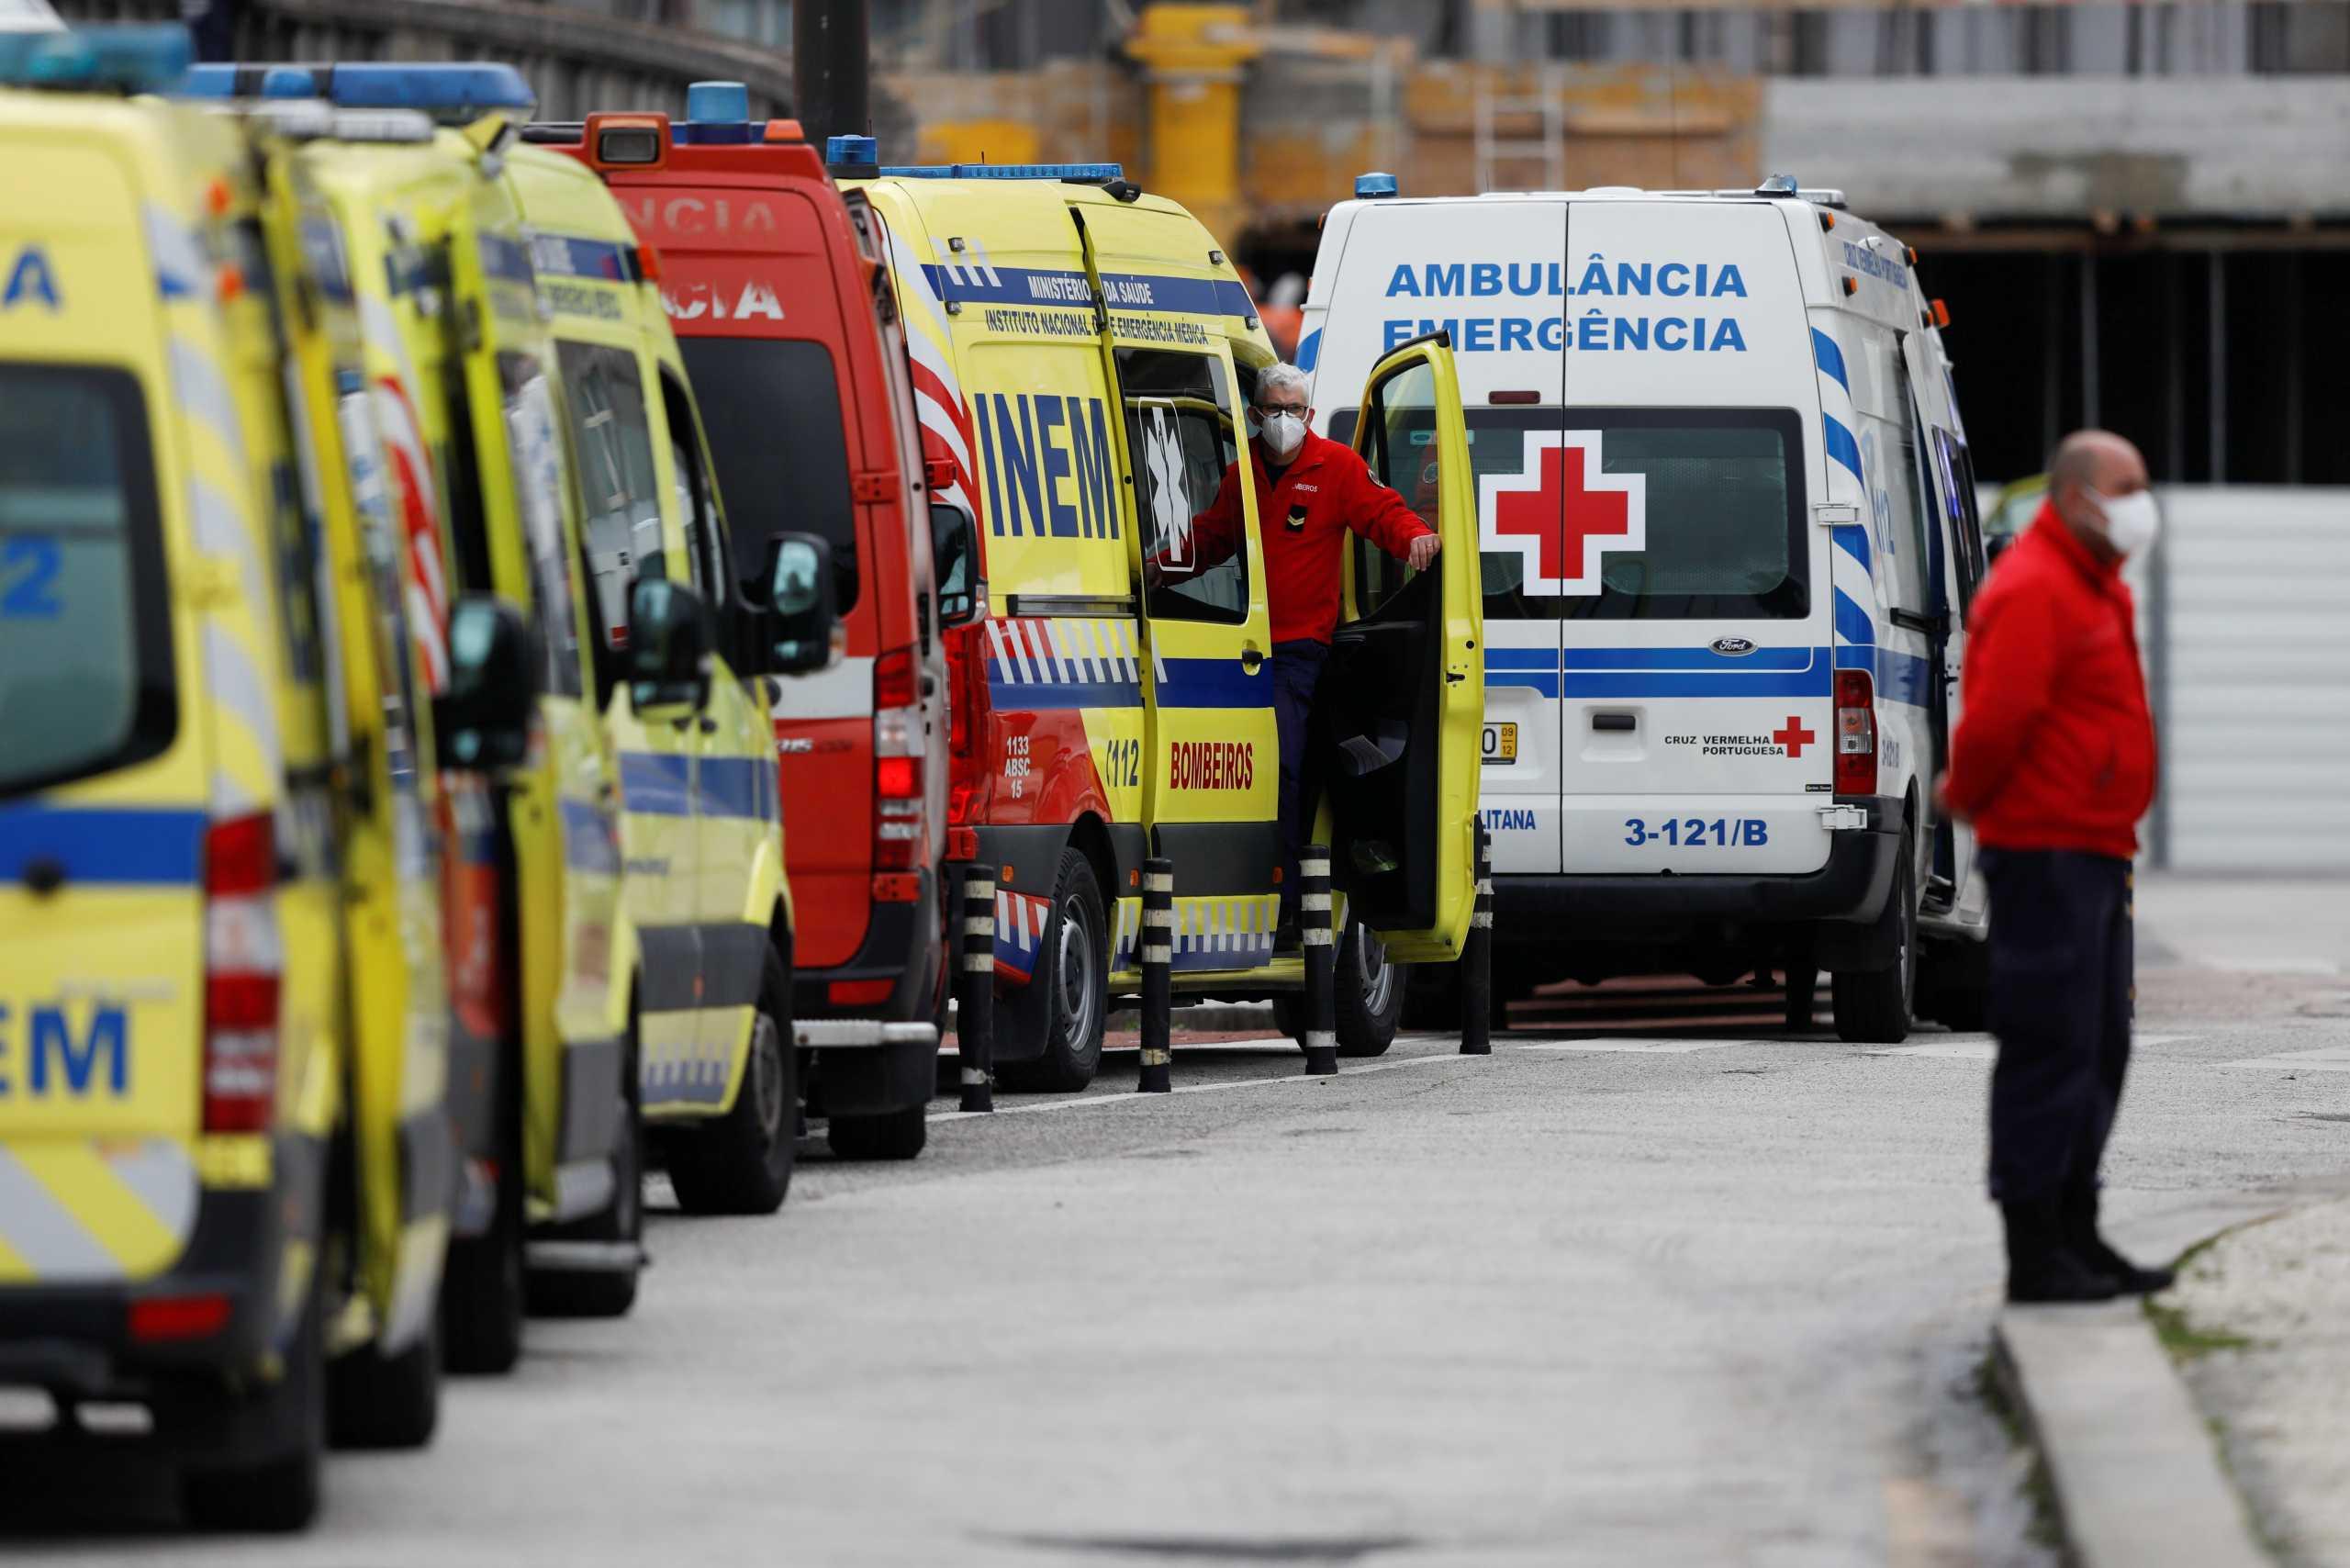 Κορονοϊός: Κλείνει τα σύνορα για 15 ημέρες η Πορτογαλία